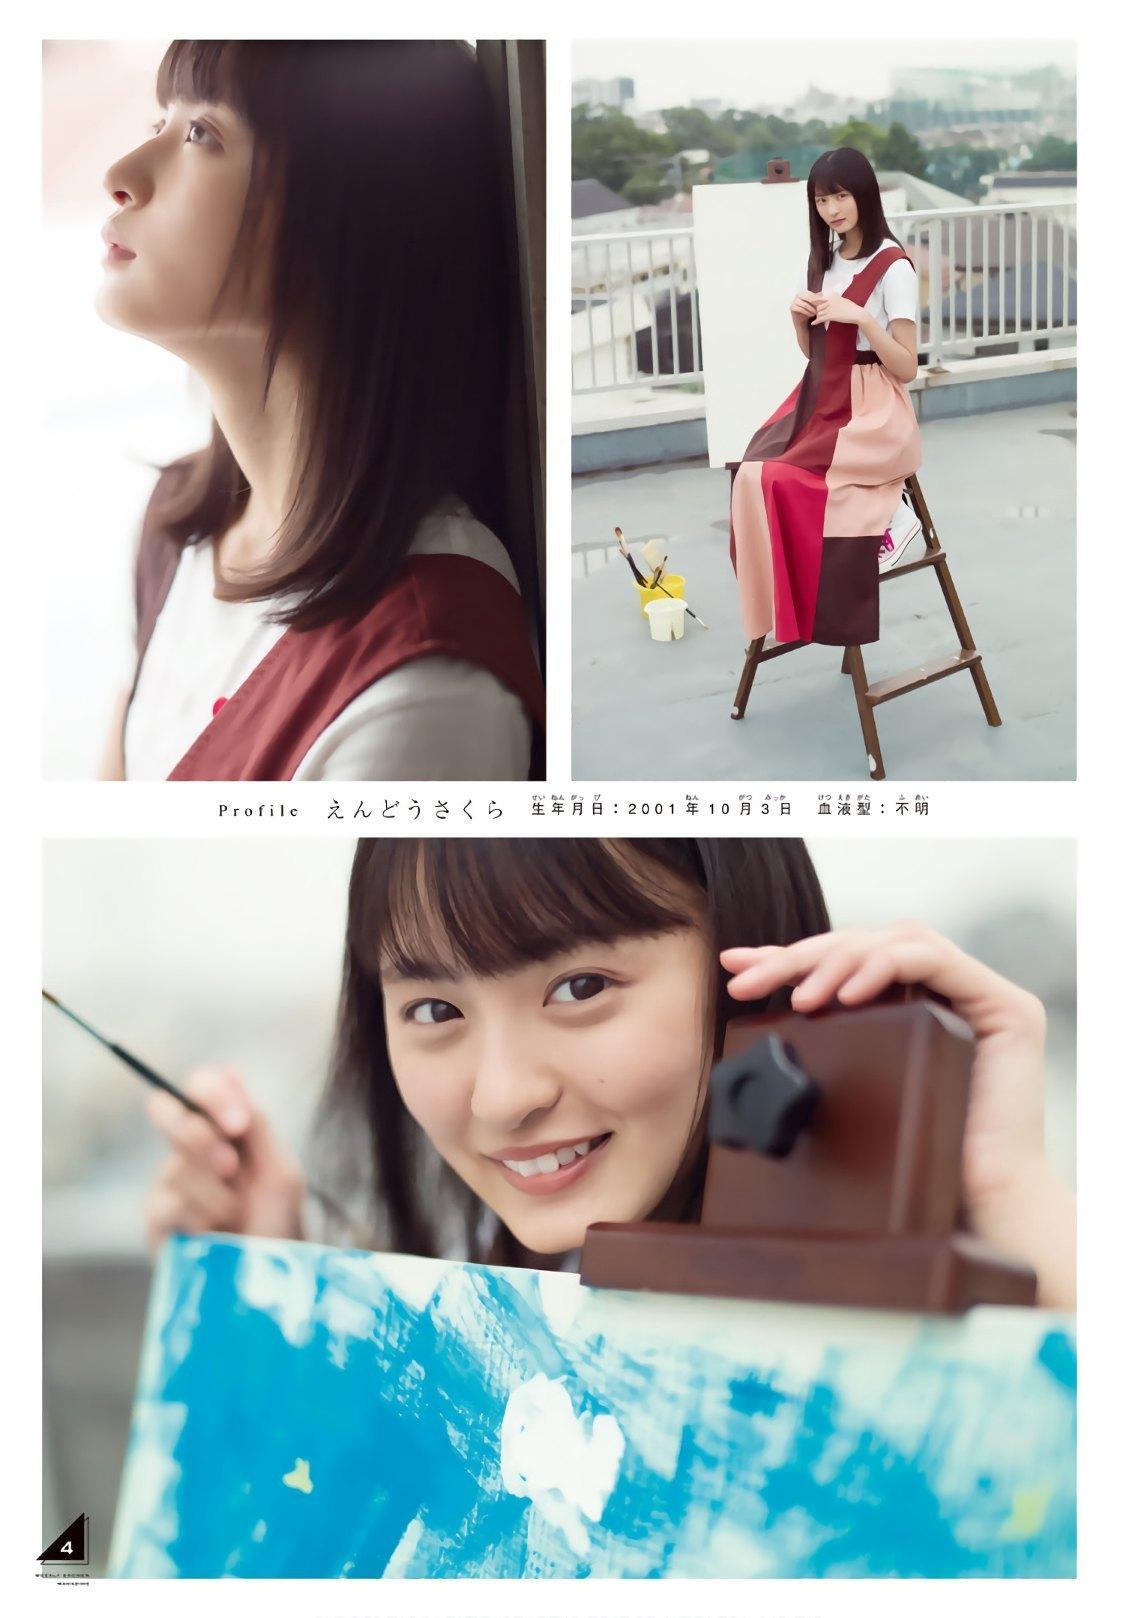 乃木坂46 筒井彩芽 远藤樱 贺喜遥香 Shonen Magazine